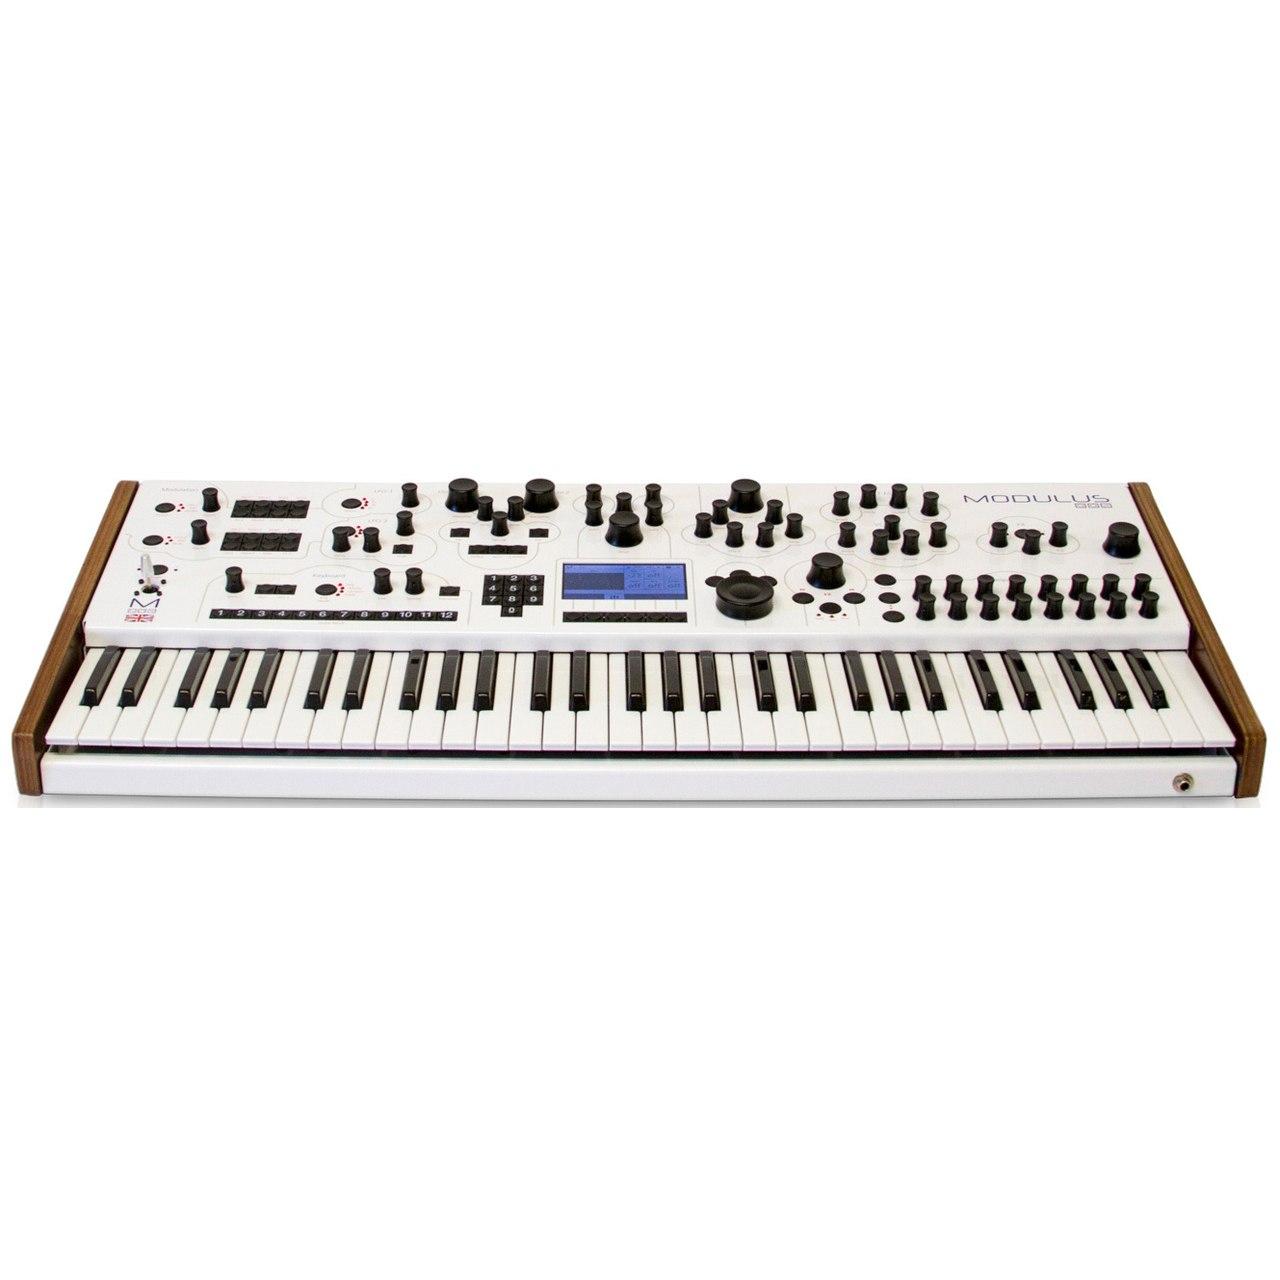 Modal Electronics 002 12-Voice Hybrid Polyphonic Synthesizer